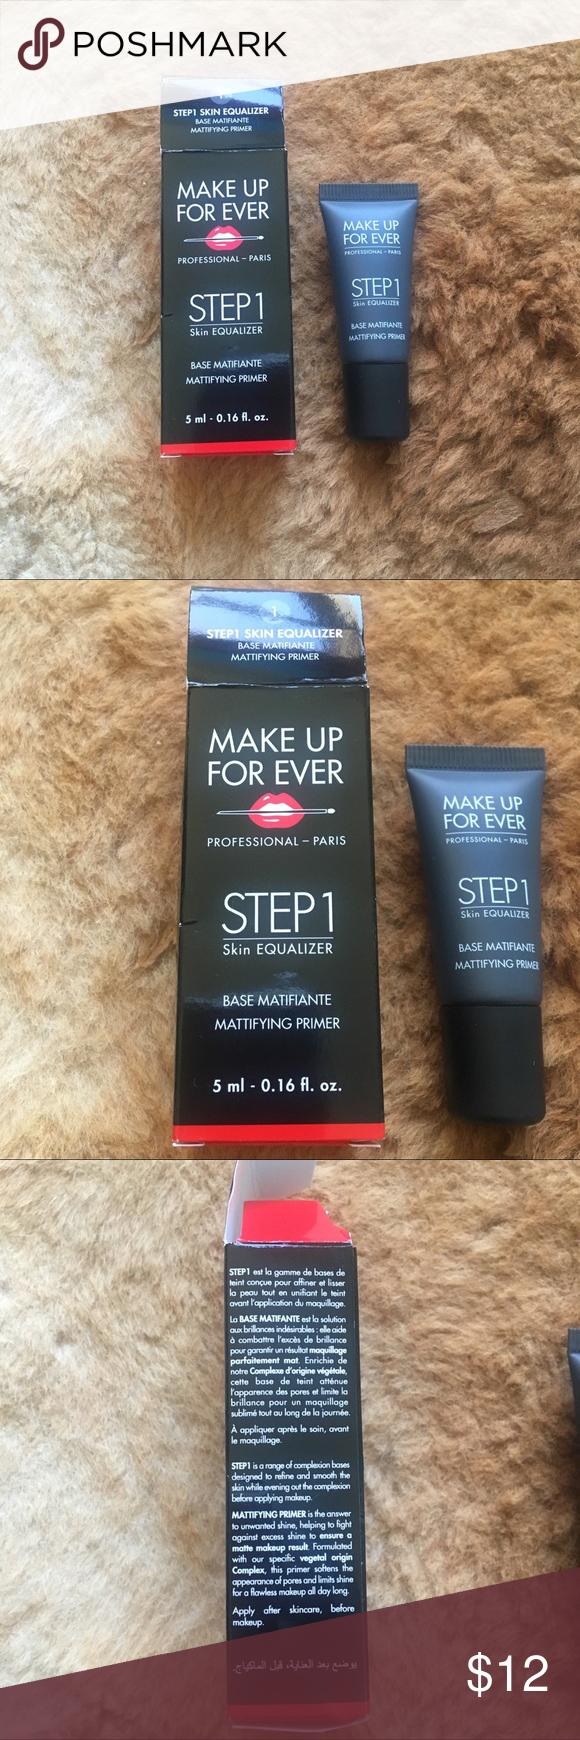 Makeup For Ever Step 1 Skin Equalizer Matte Skin equalizer